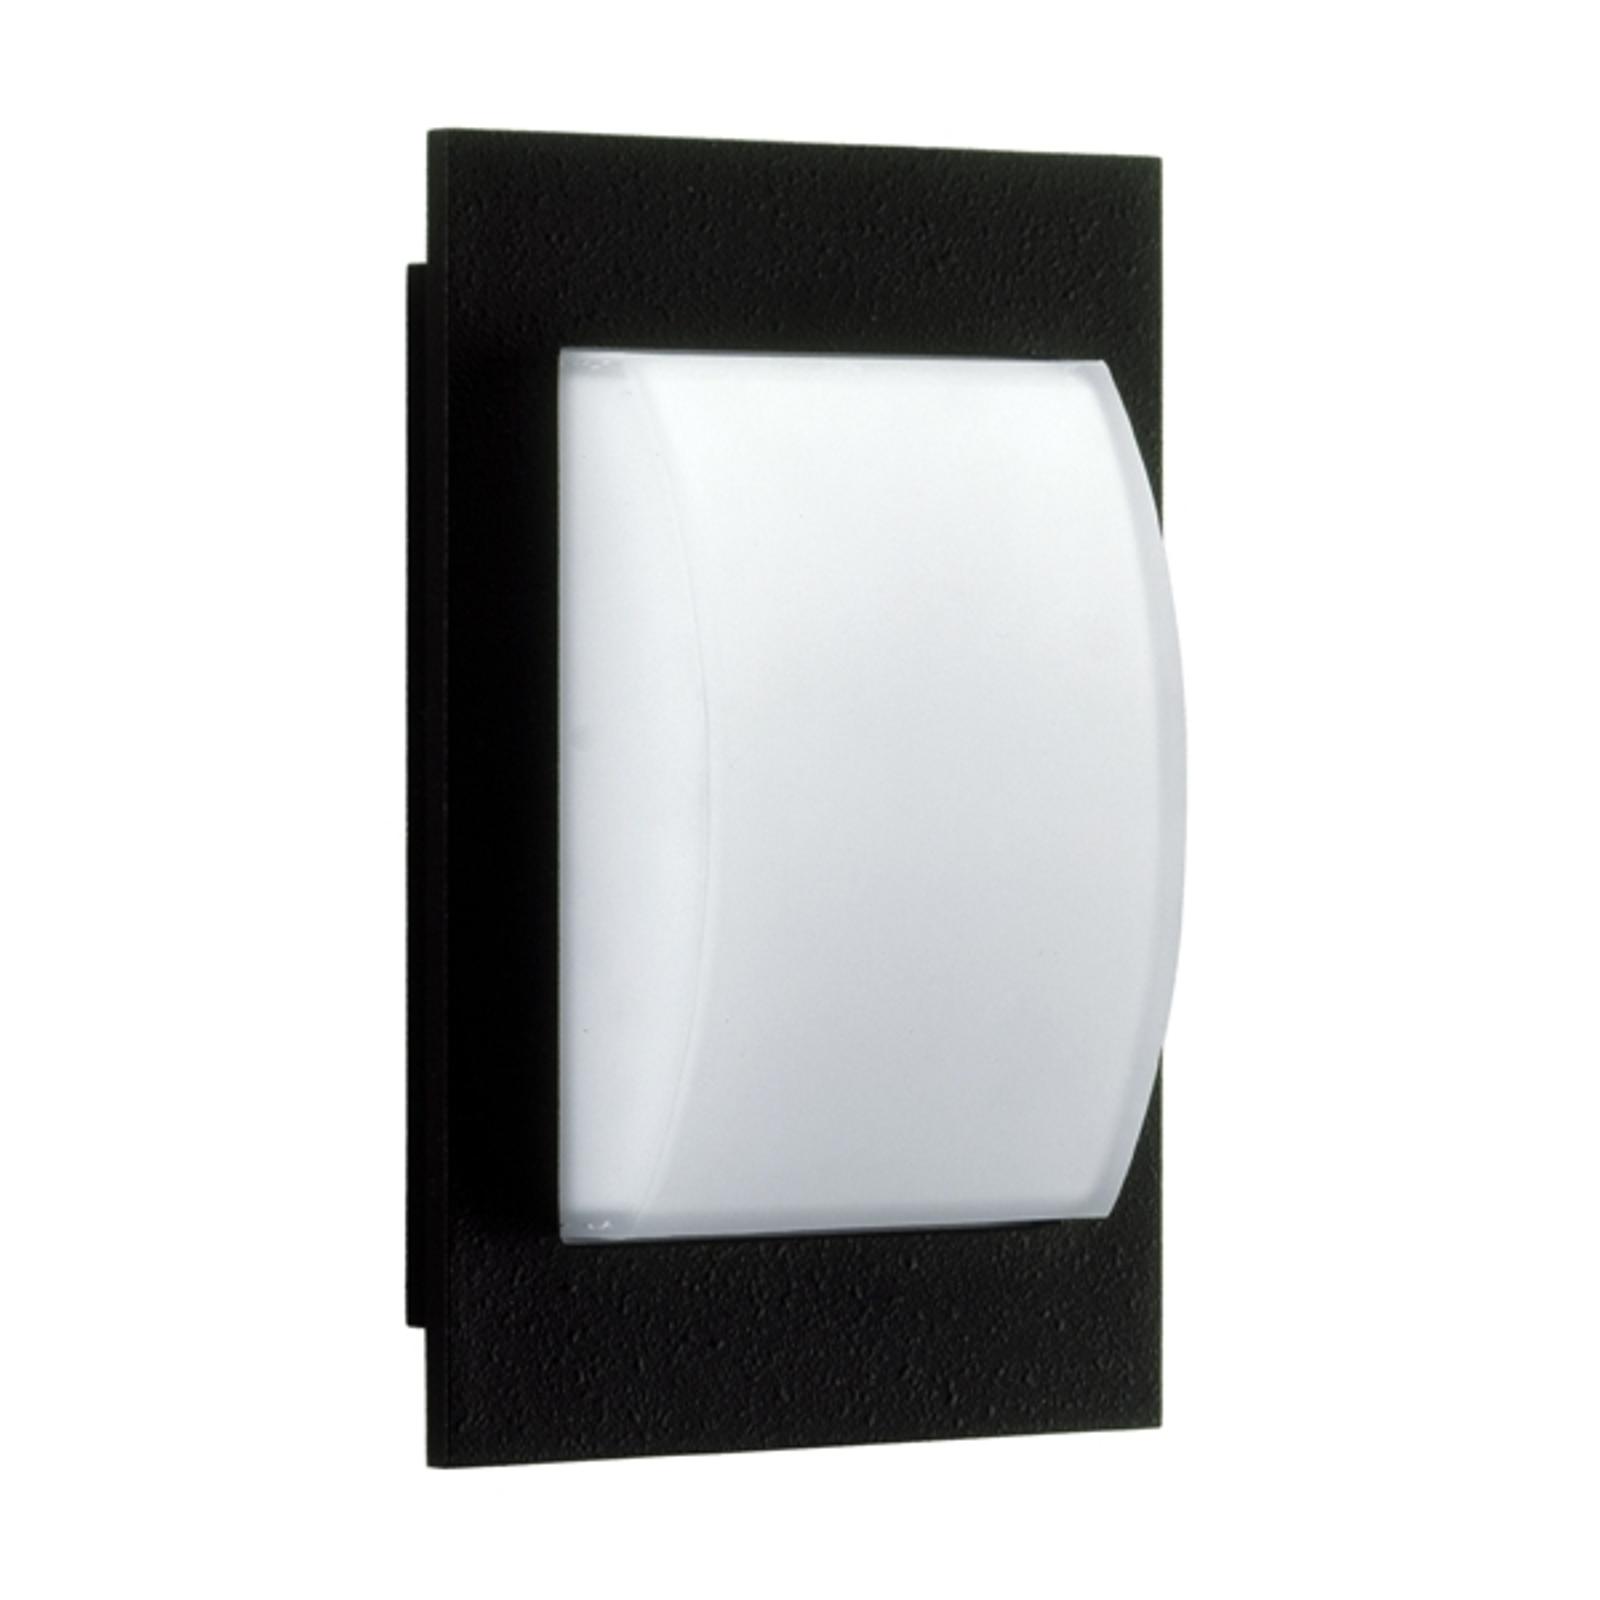 Zewnętrzna lampa ścienna lub sufitowa 343 E27 S